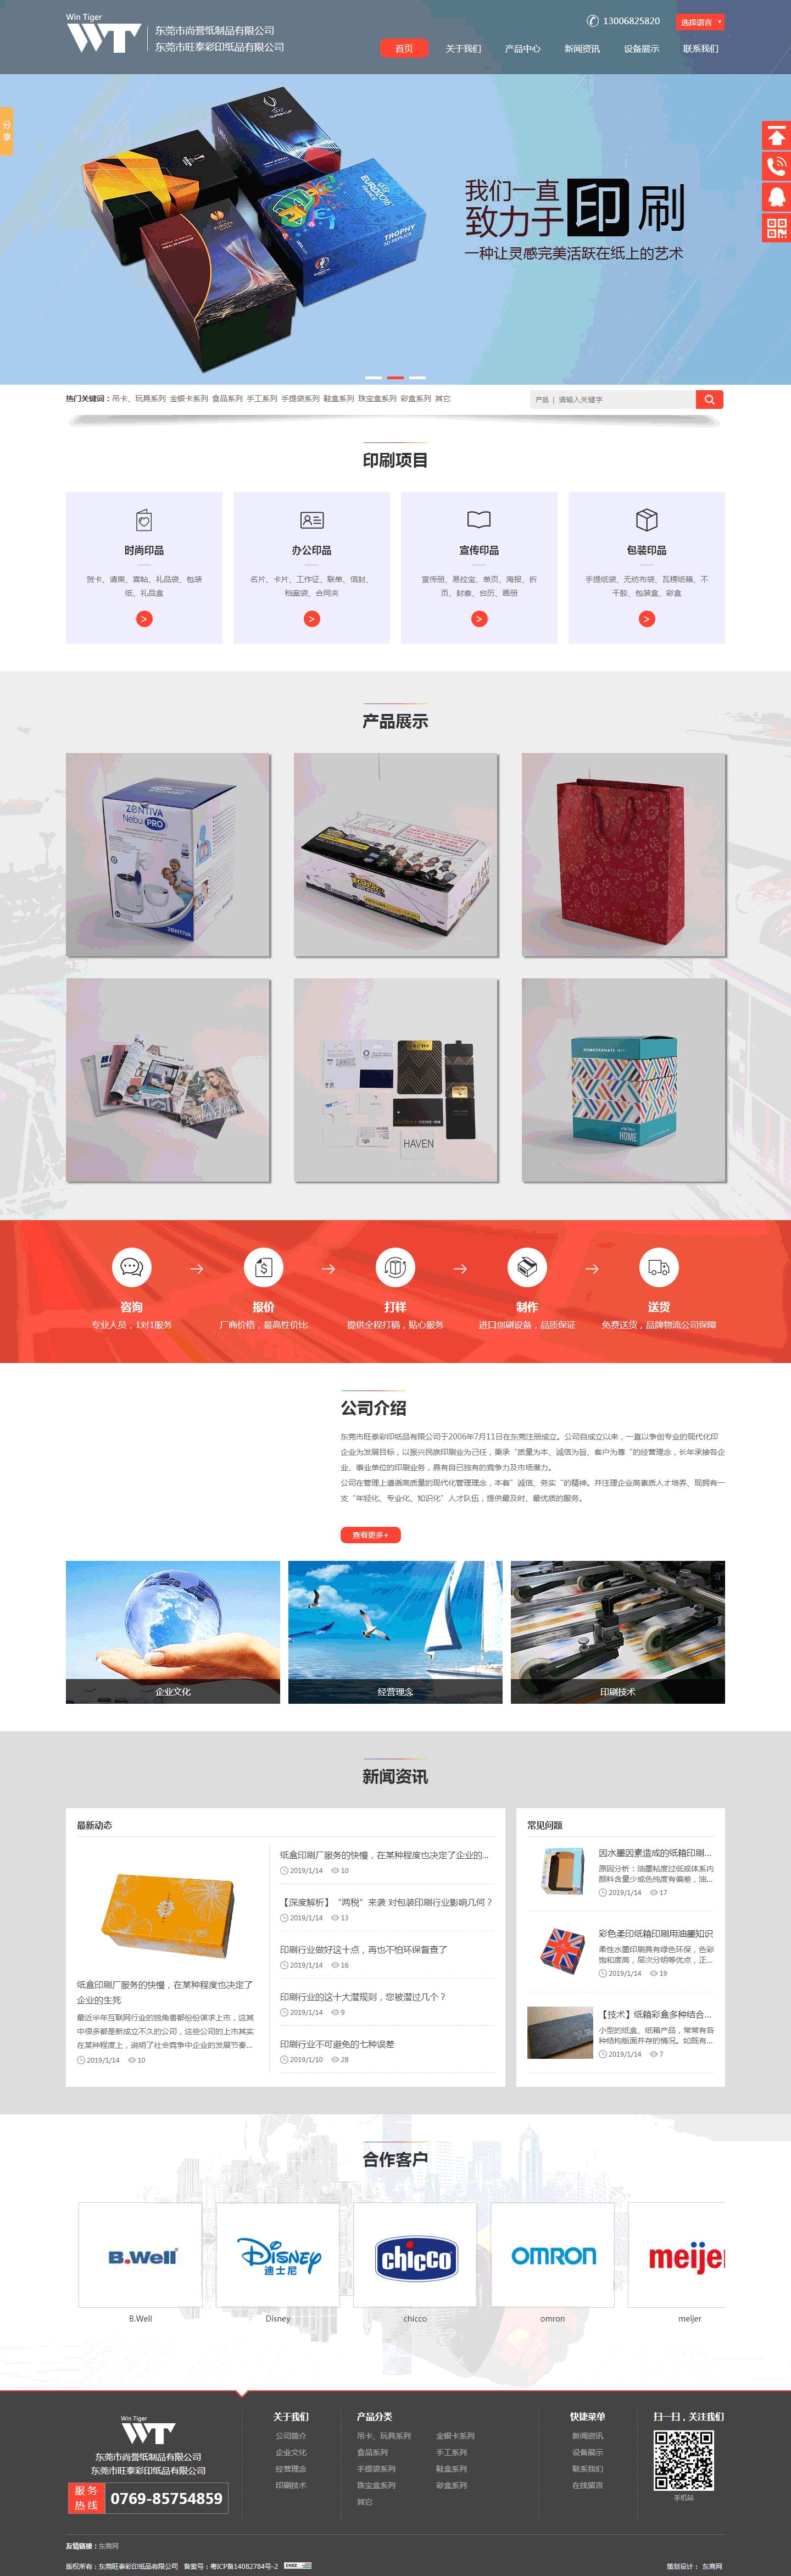 东莞市旺泰彩印纸品有限公司